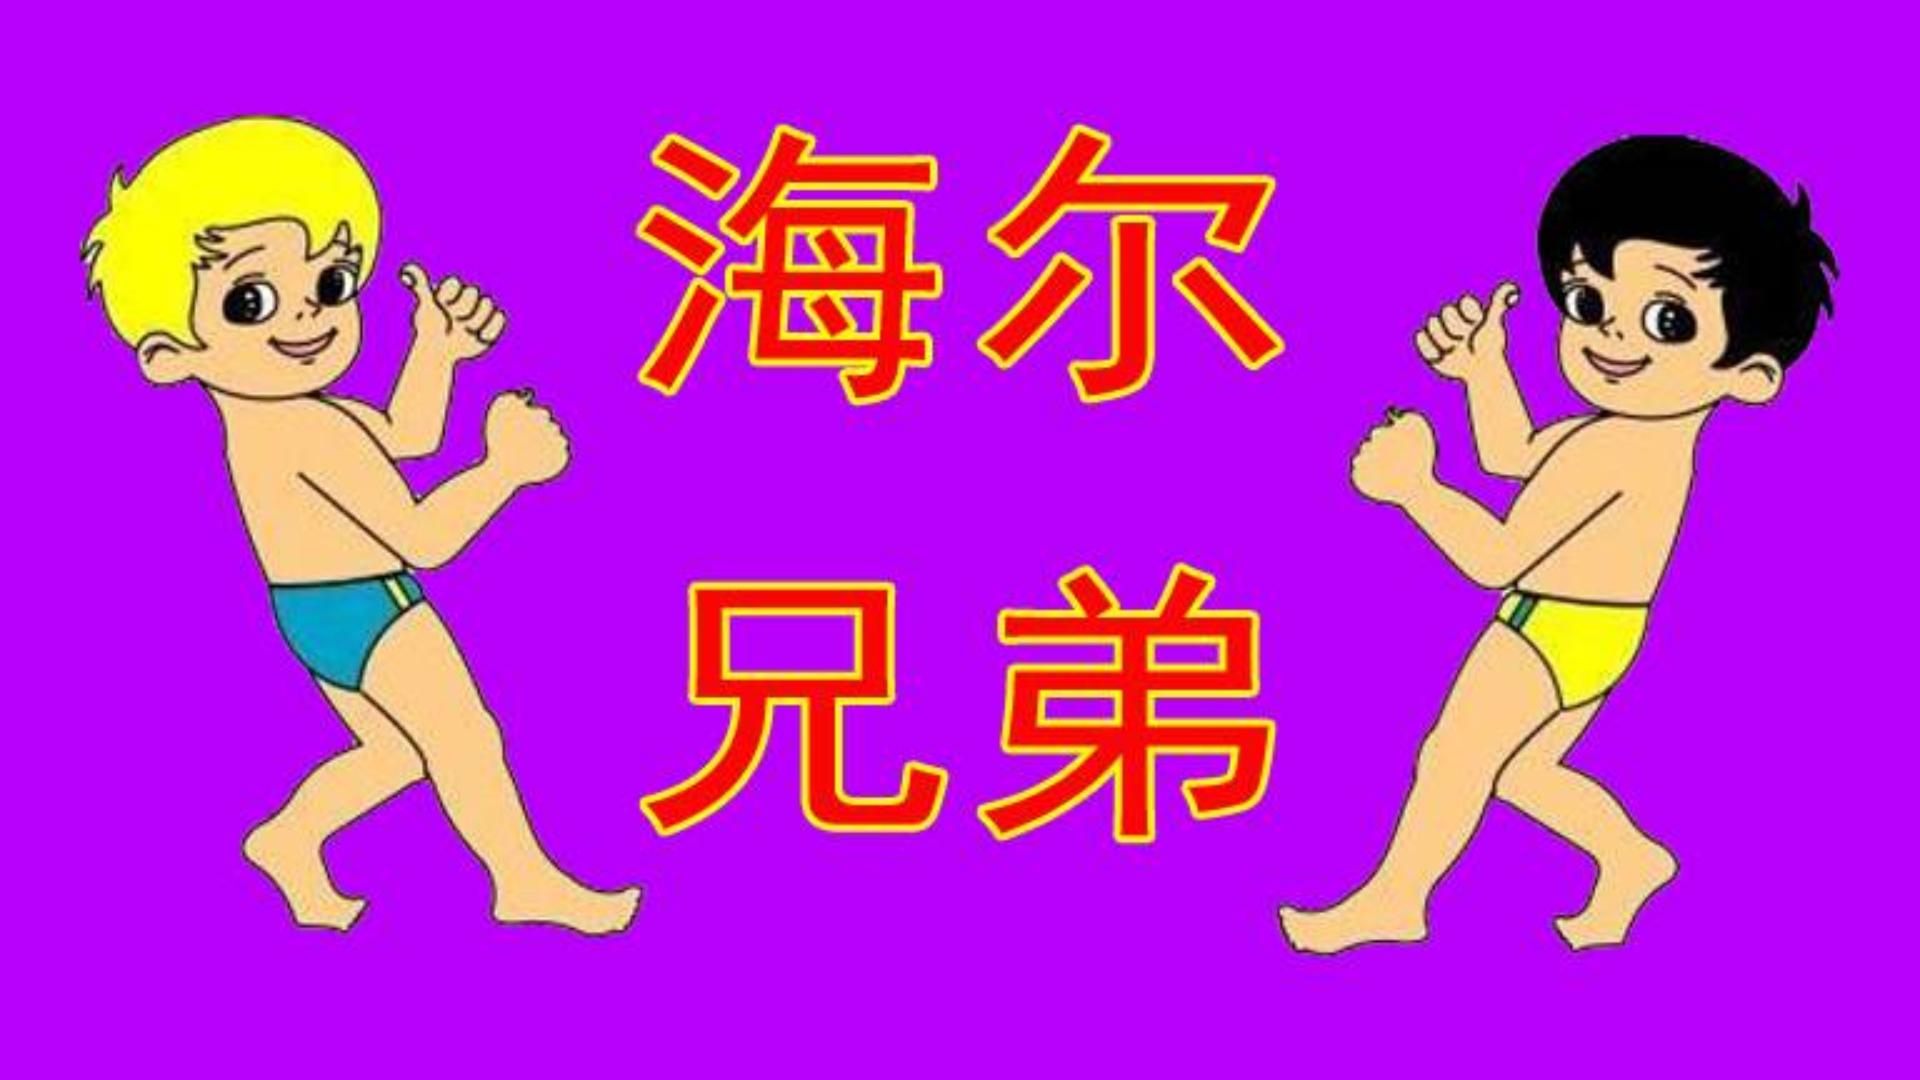 【赛强】海尔兄弟:逃离巨人追踪 寻找印加古城  28-30